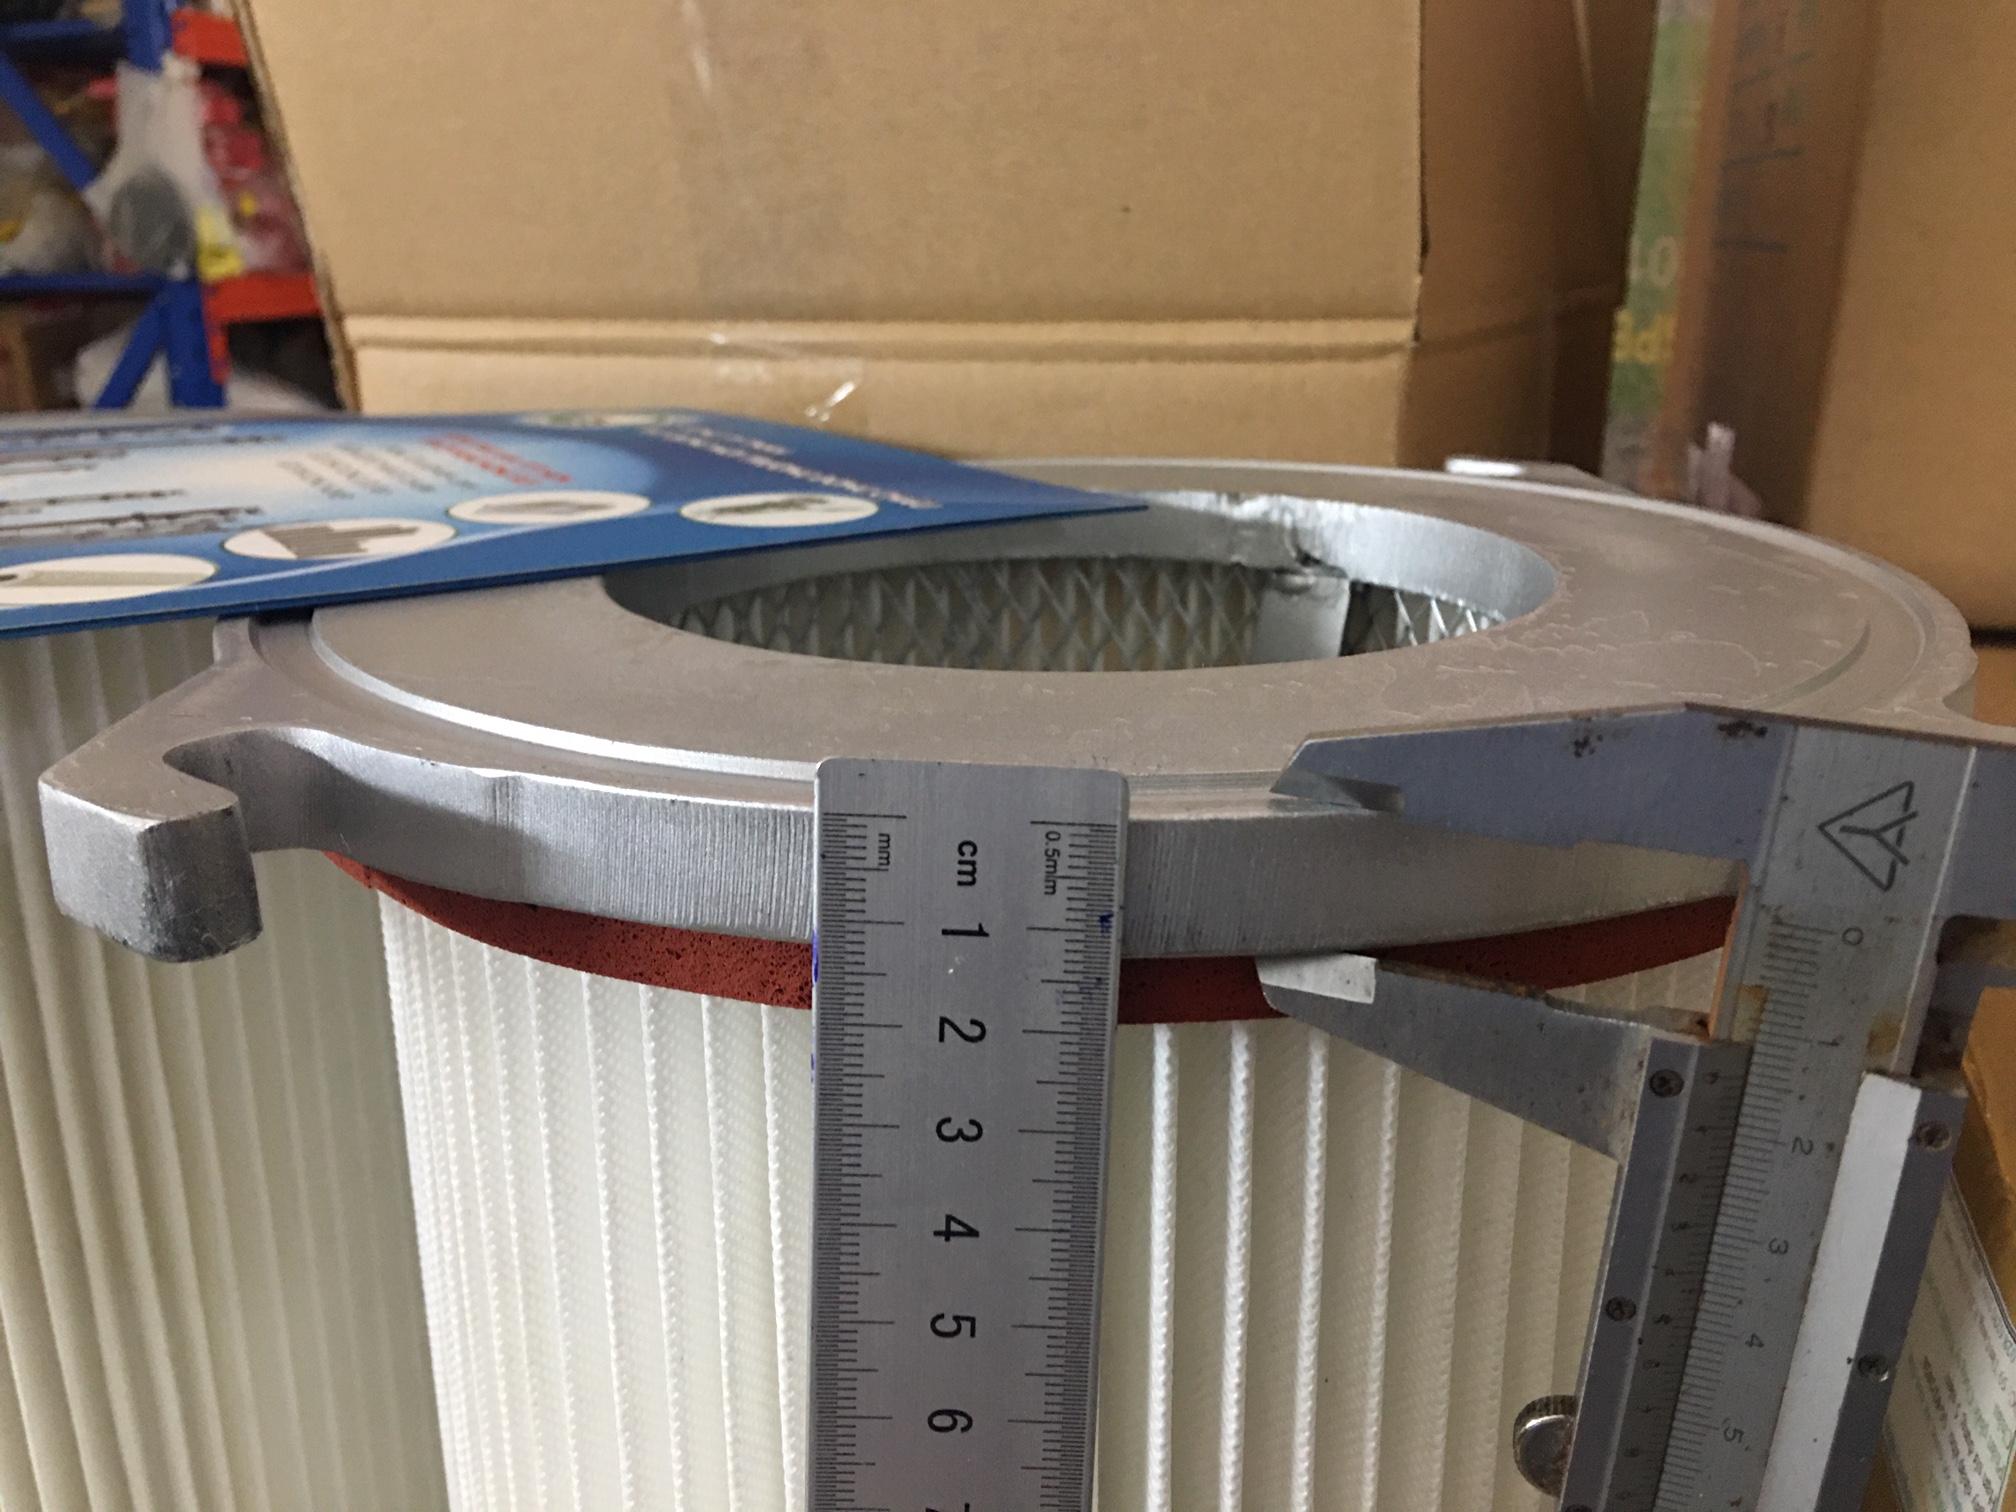 Phin lõi lọc khí giấy PE 4 tai ngàm